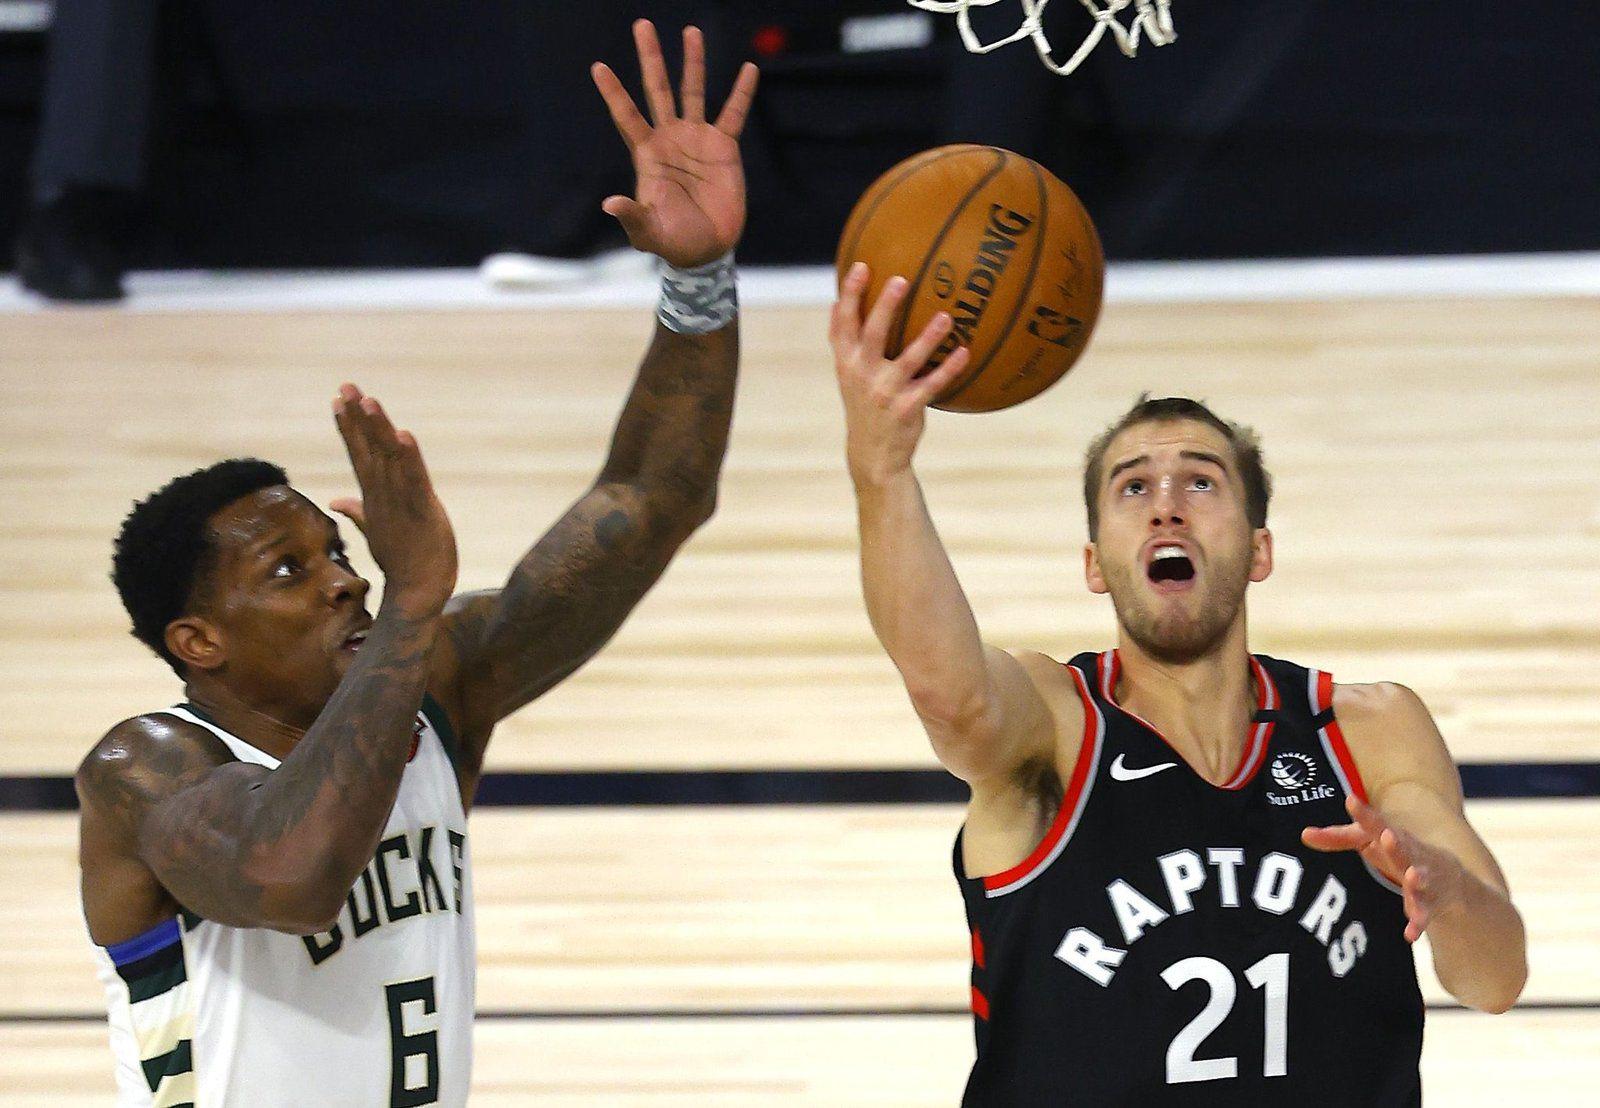 Les Raptors remportent une cinquième victoire en six matchs dans la bulle